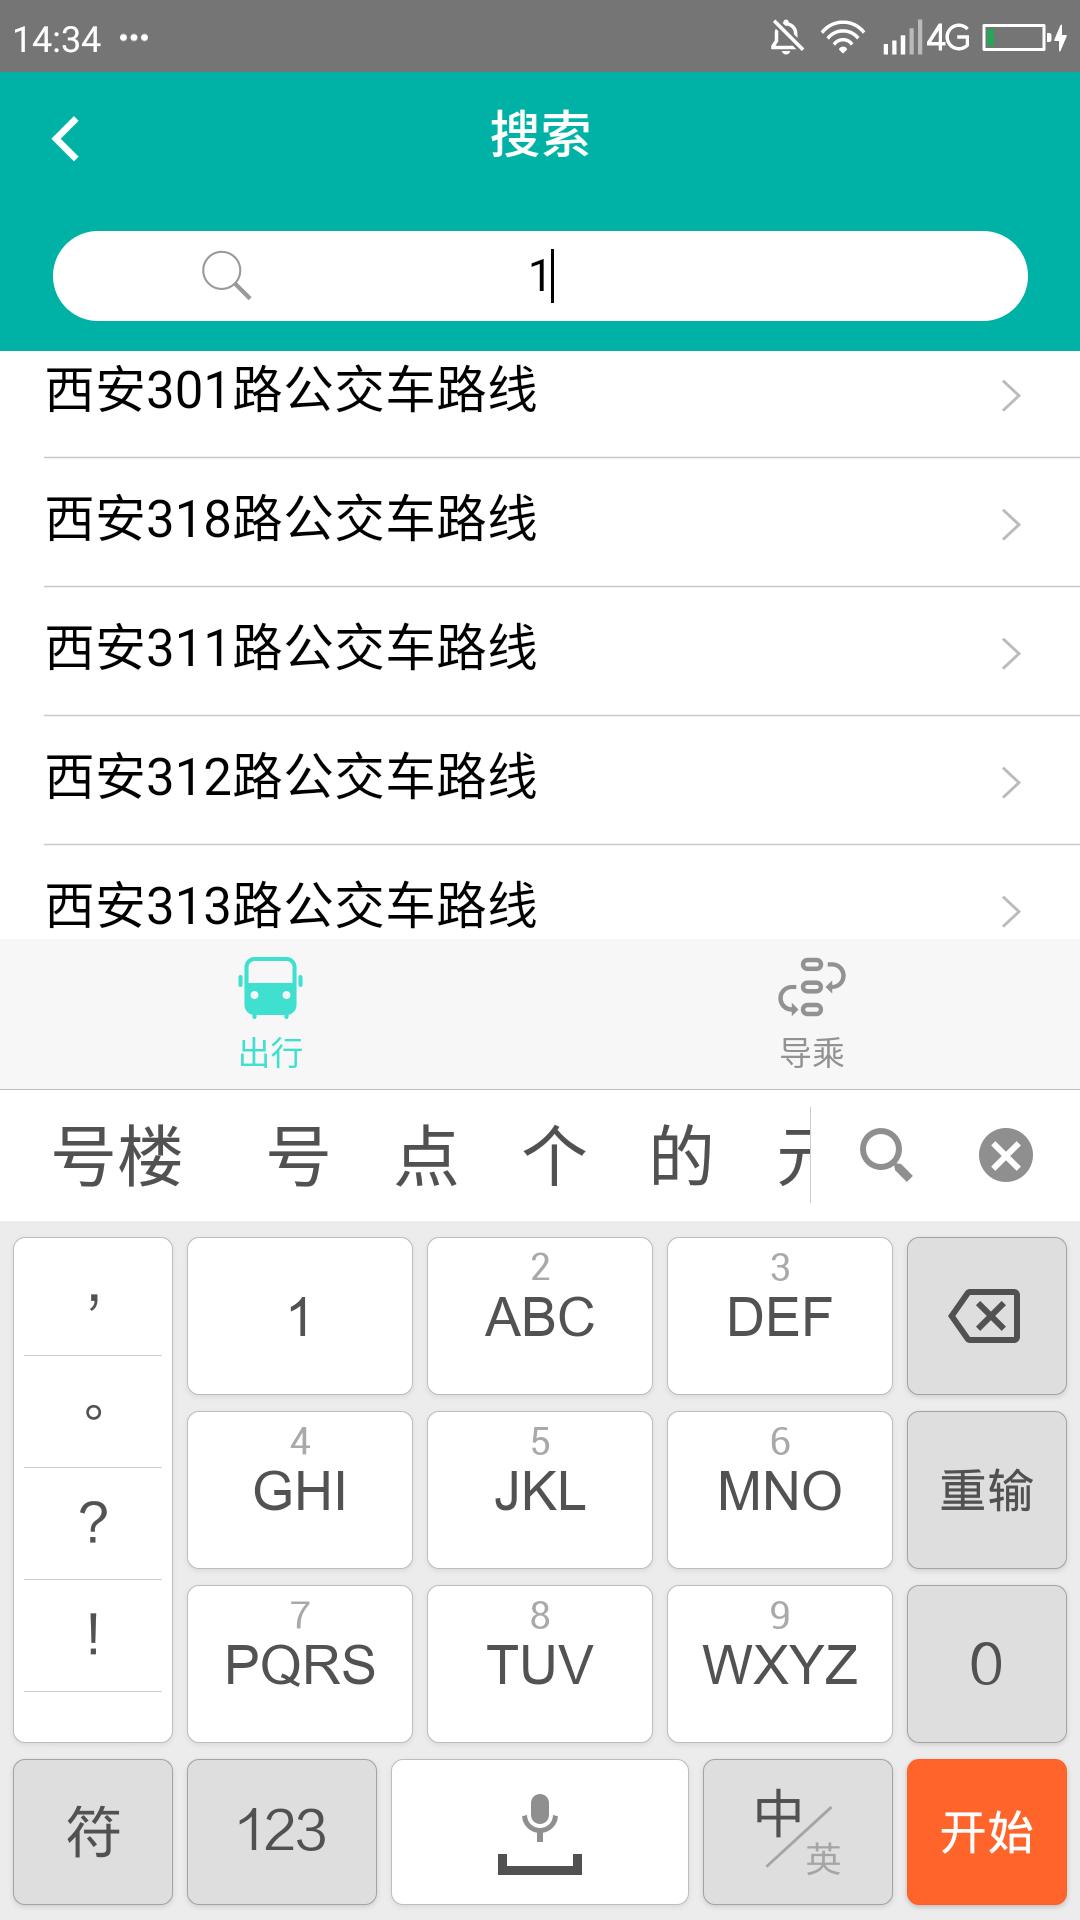 西安公交 西安公交出行app